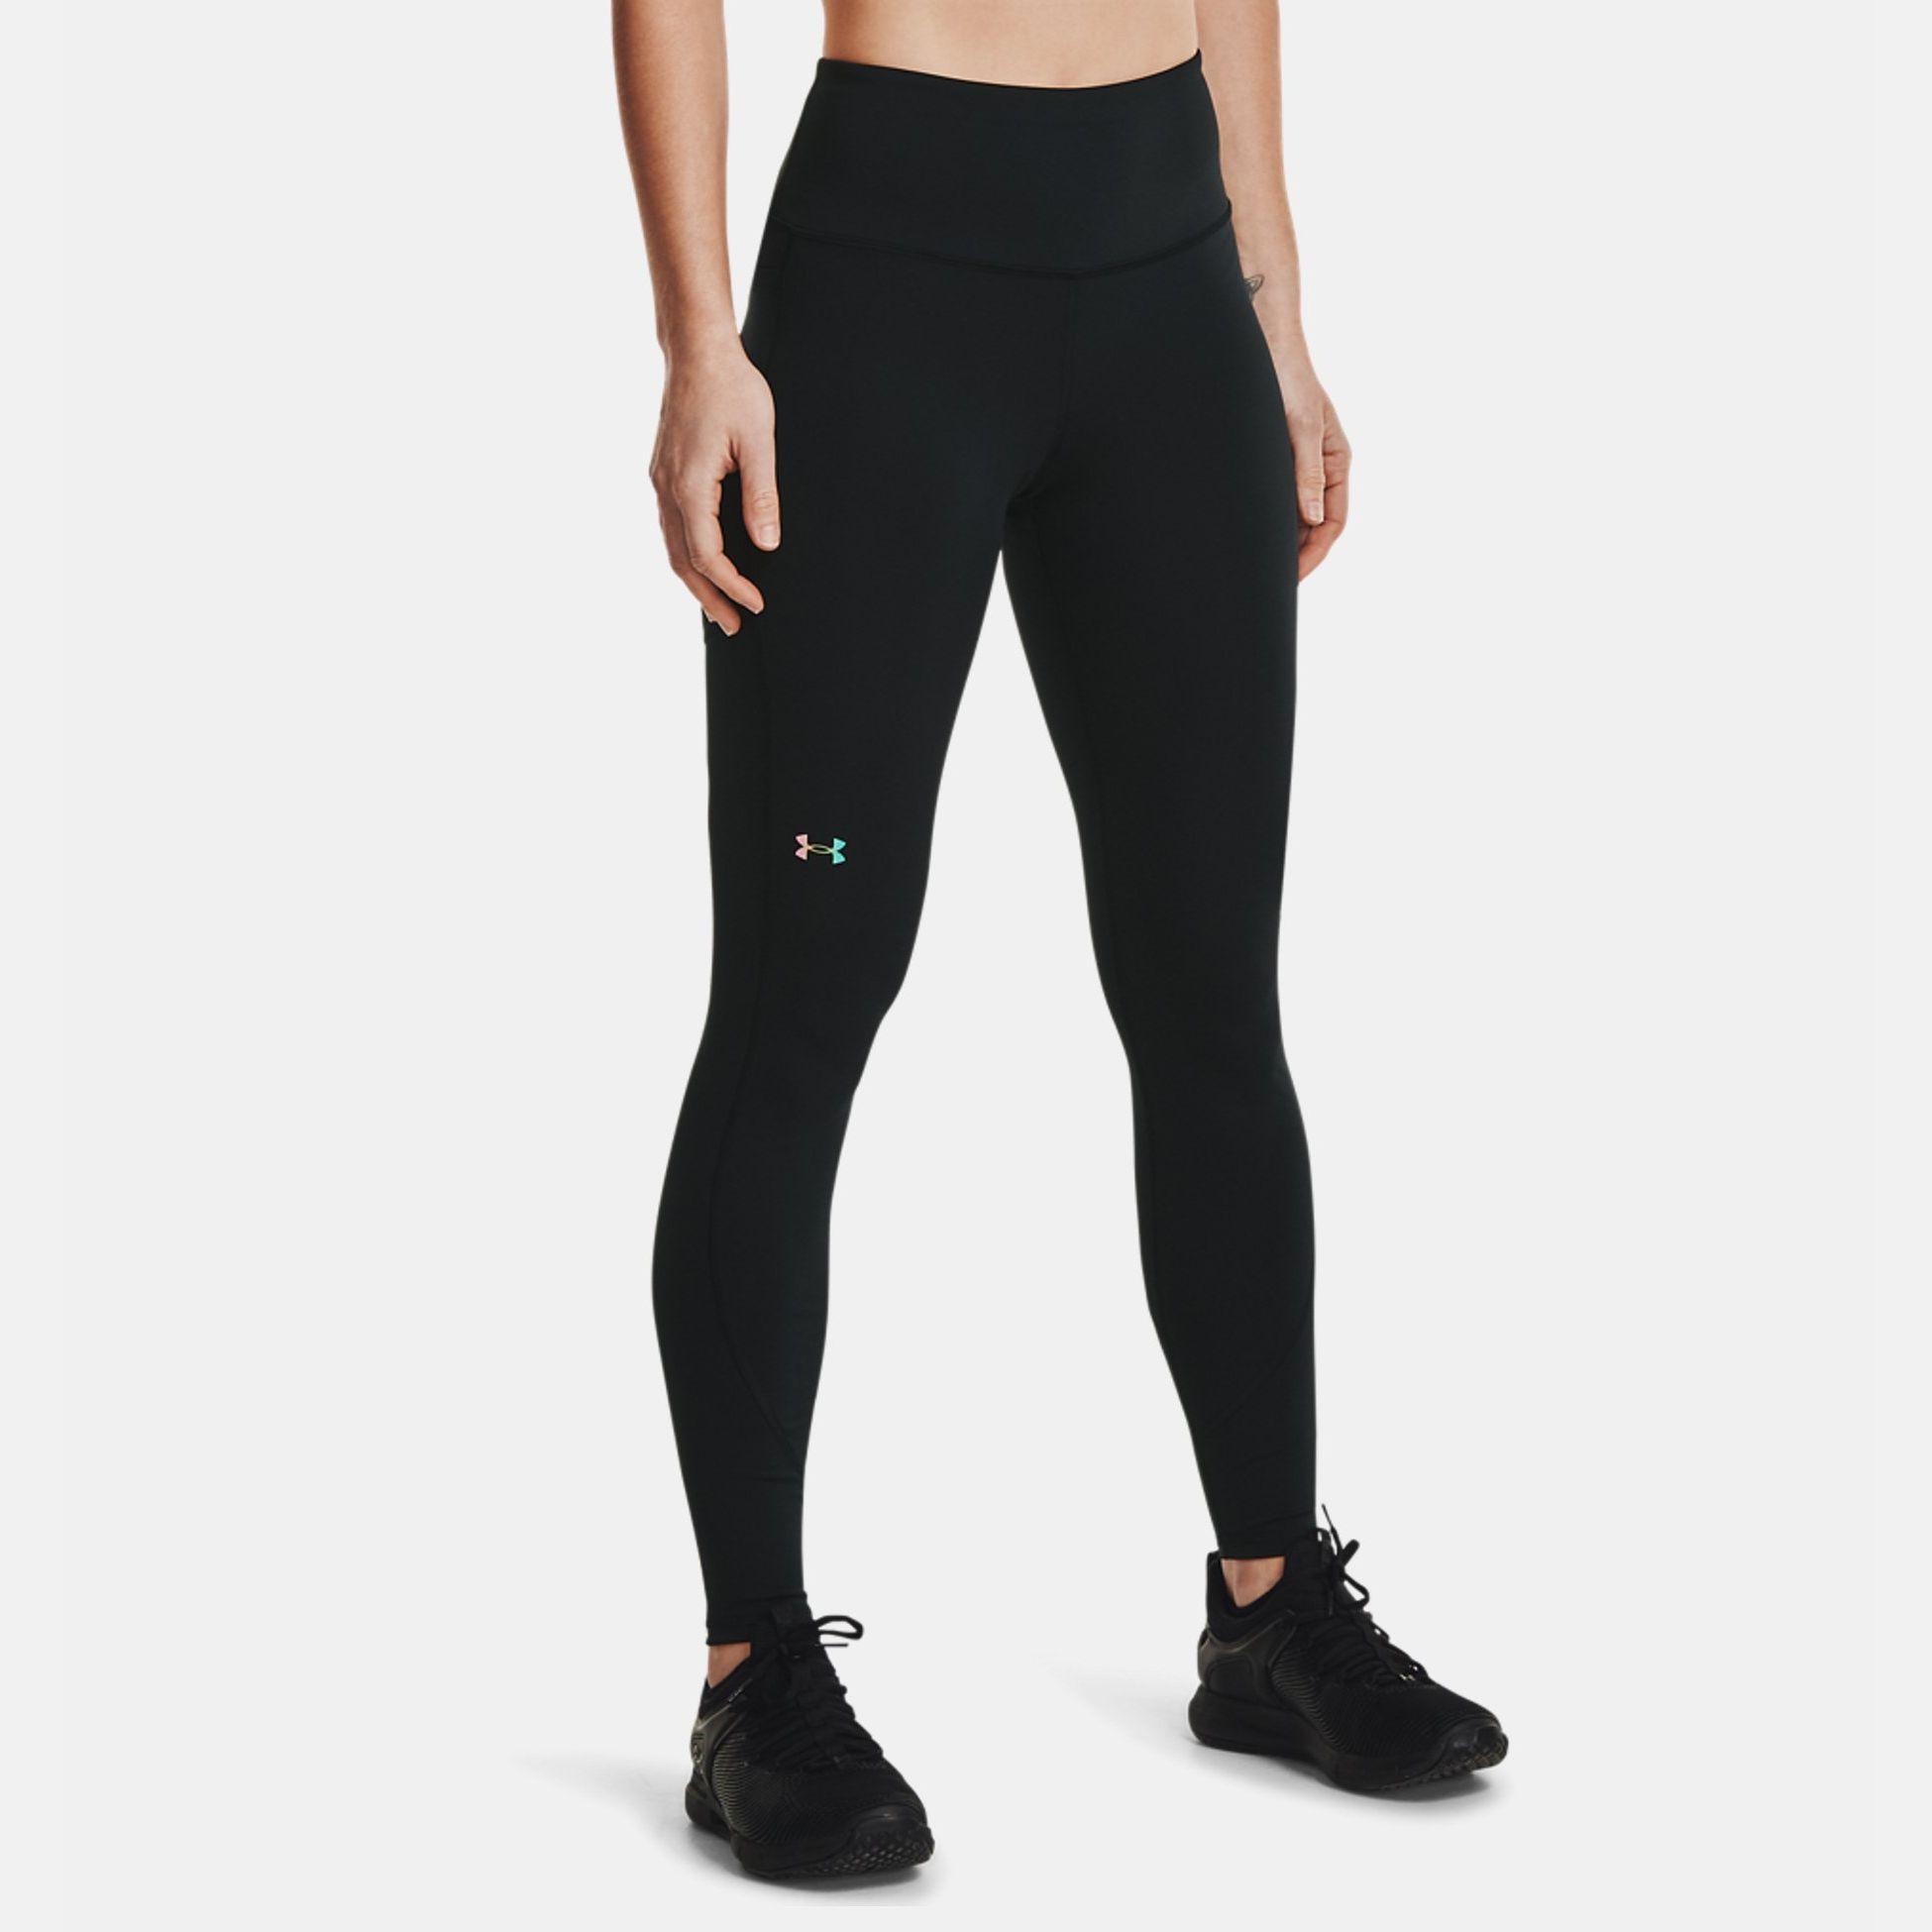 Îmbrăcăminte -  under armour UA RUSH No-Slip Waistband Leggings 8181